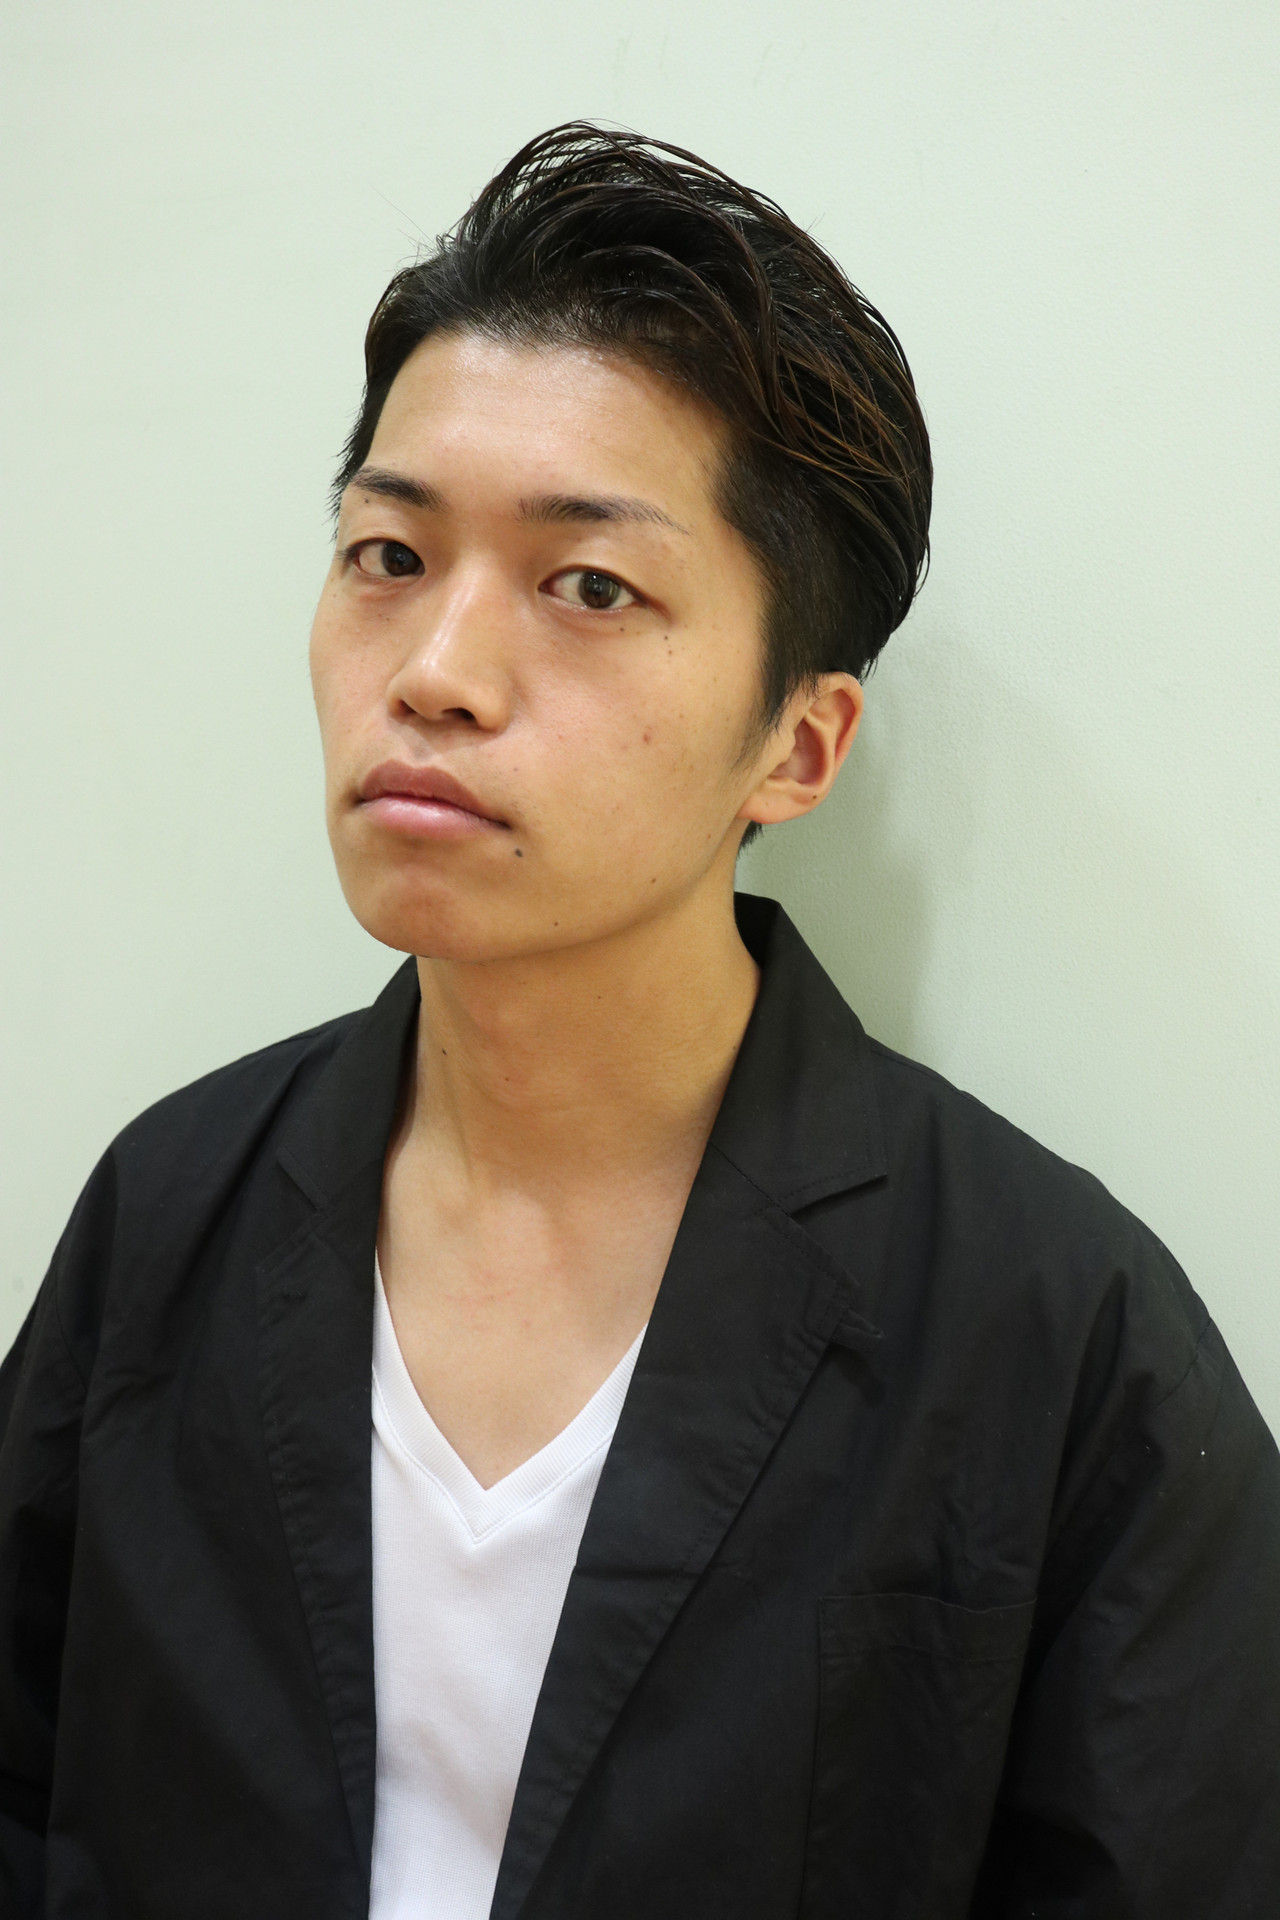 メンズ ショート ナチュラル ウェットヘア ヘアスタイルや髪型の写真・画像 | 勝永 智基 / BEAUTRIUM  265